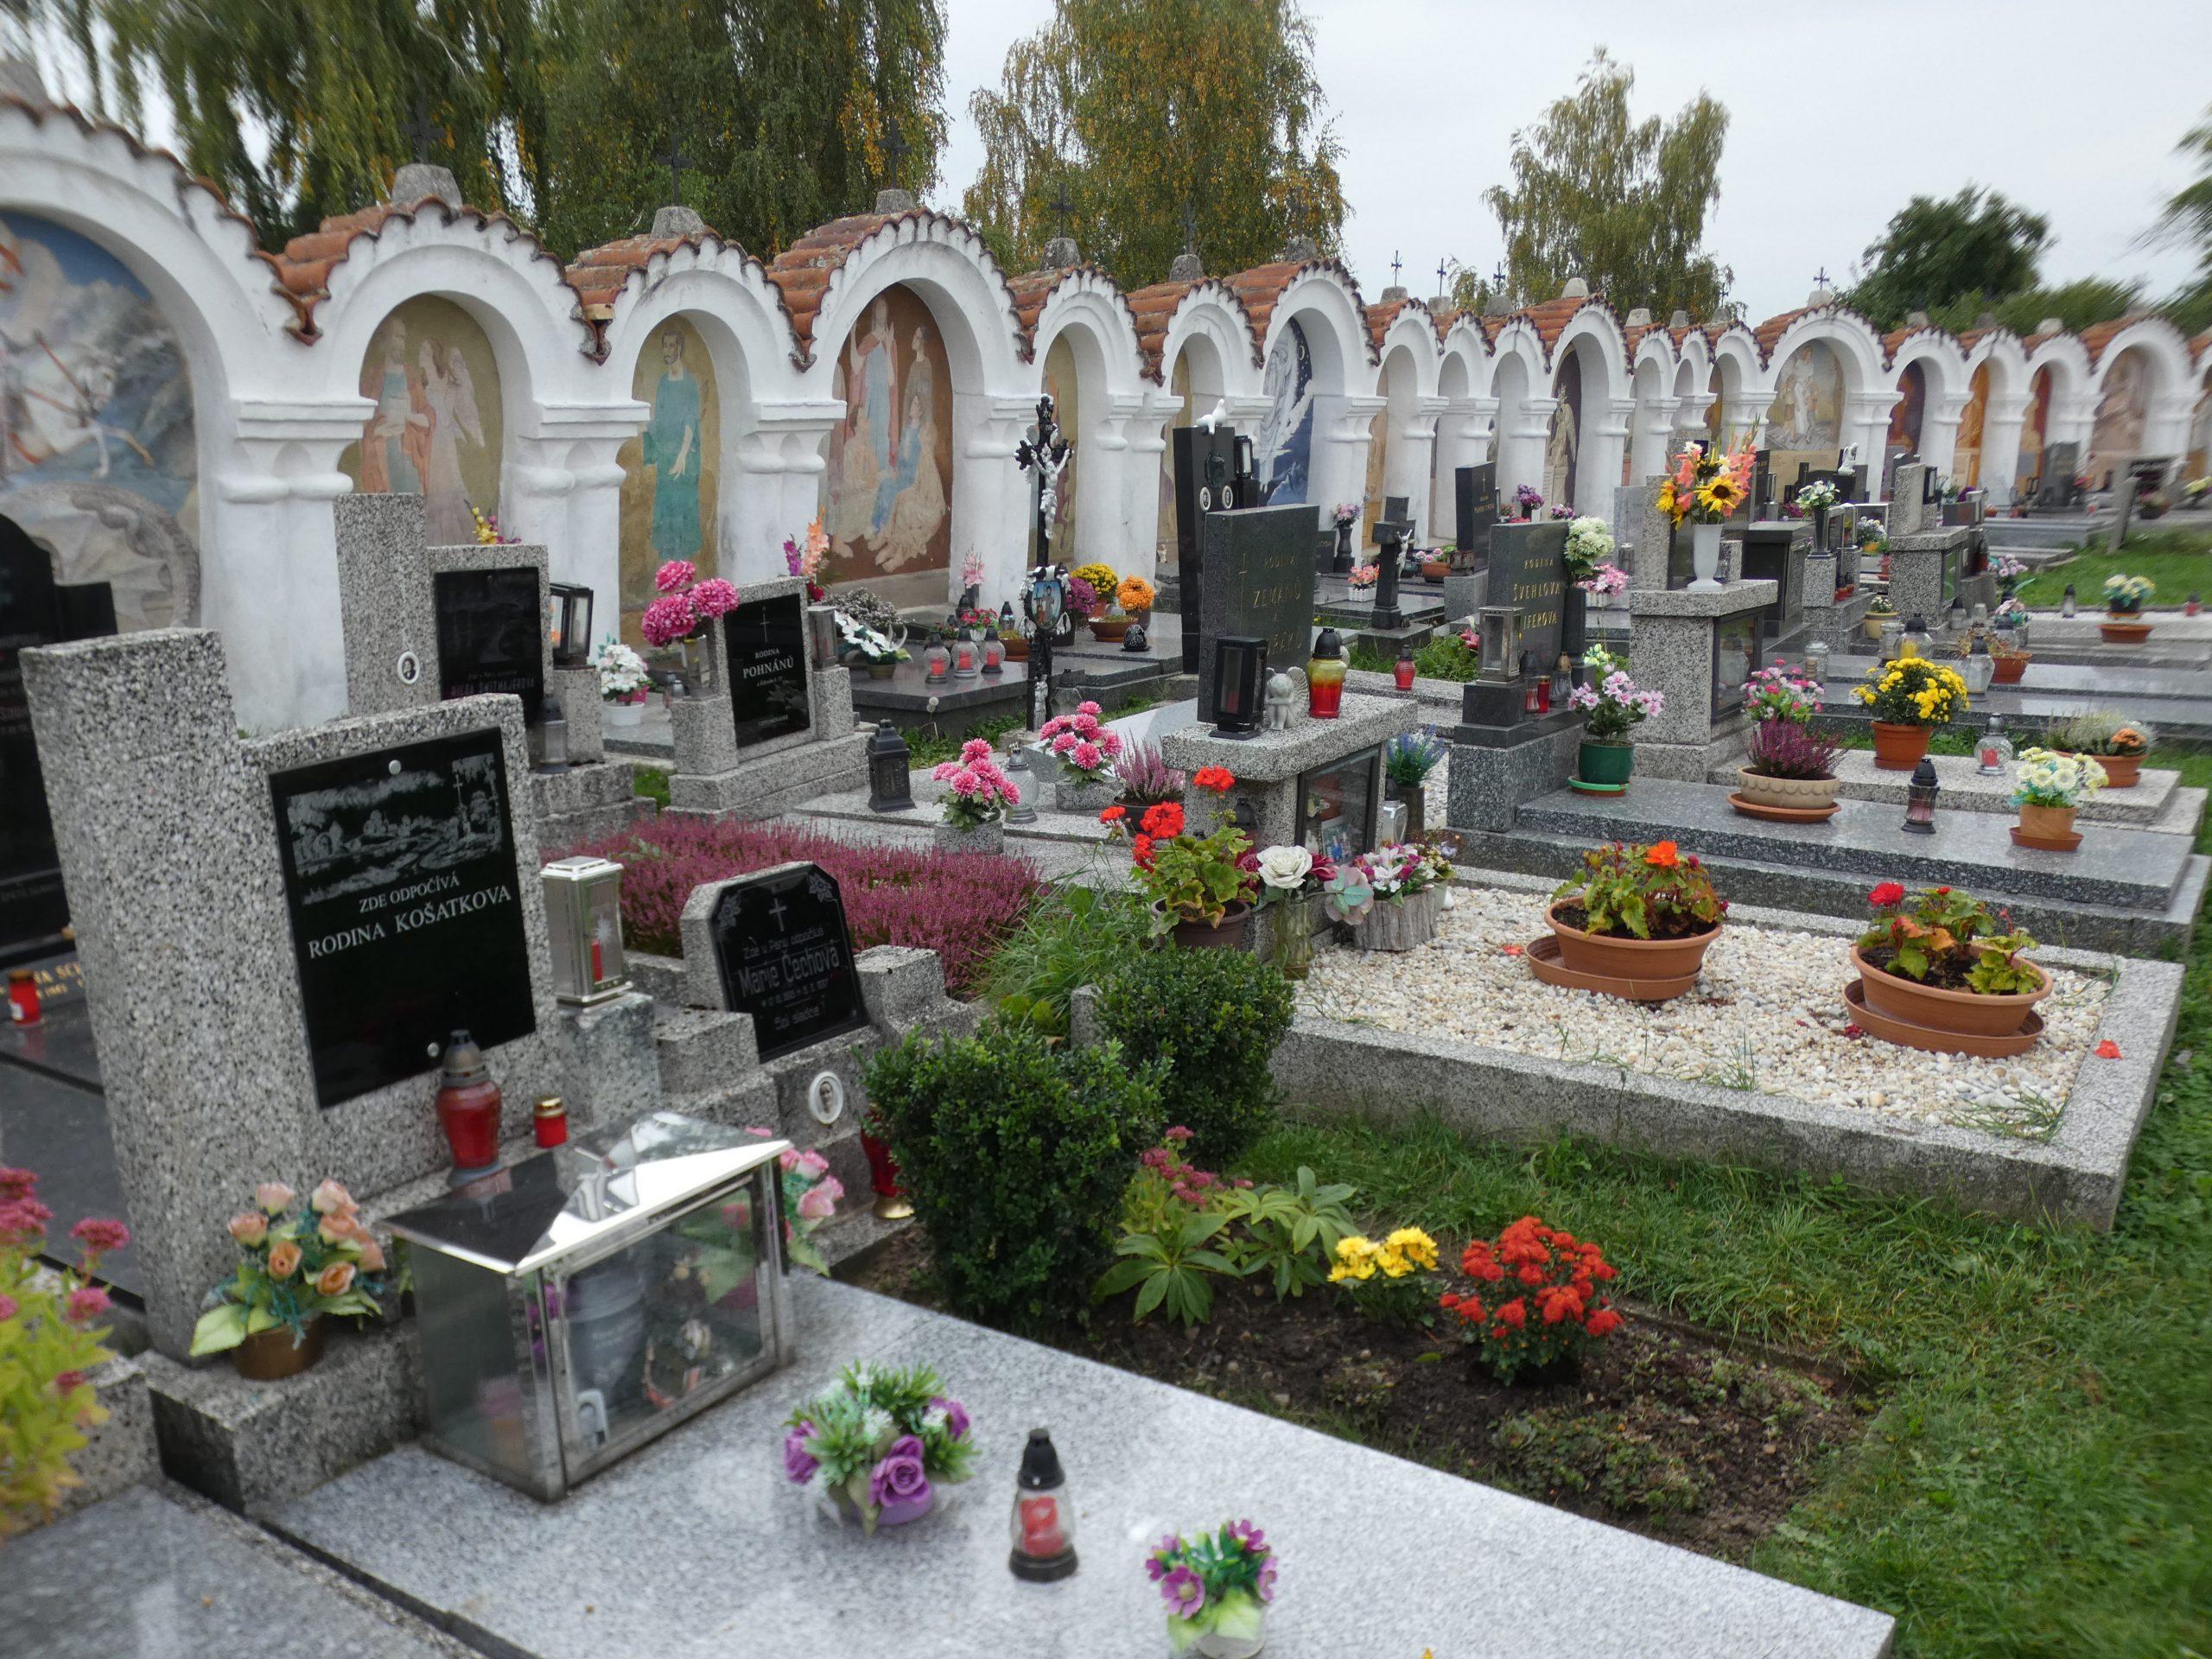 Friedhof mit umlaufenden Bögen an der Mauer, mit Bildern reich verziert